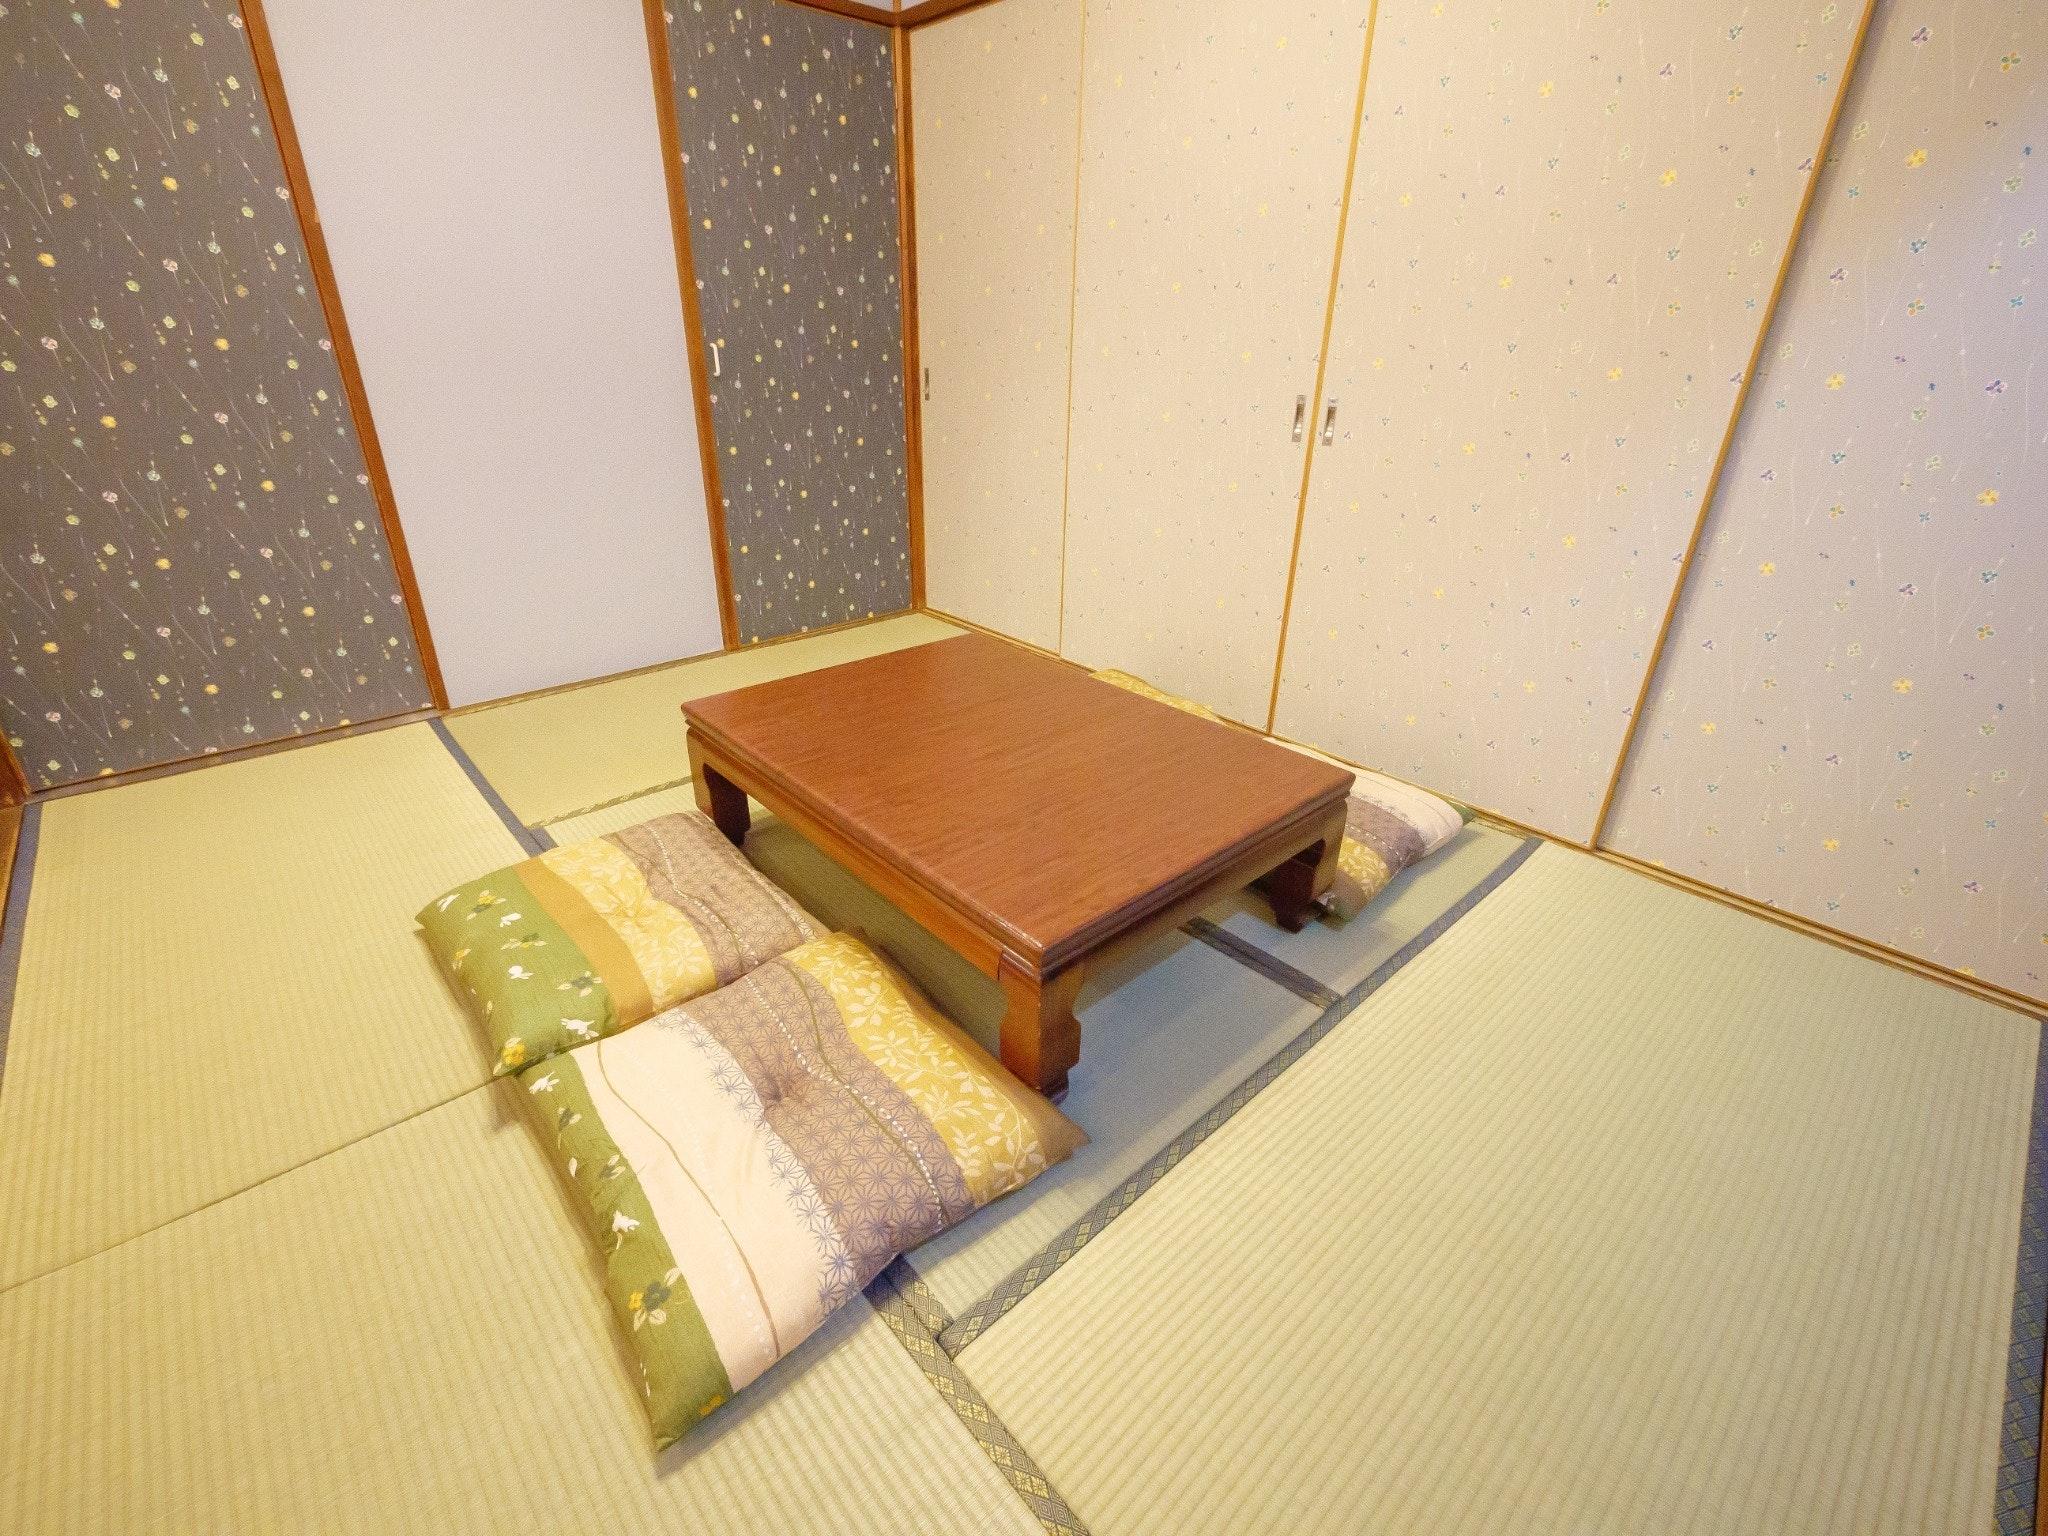 ♪『目黒』駅から徒歩3分♬ 新宿渋谷アクセス良好 /biz利用にも /ファミリールーム5名様まで可!